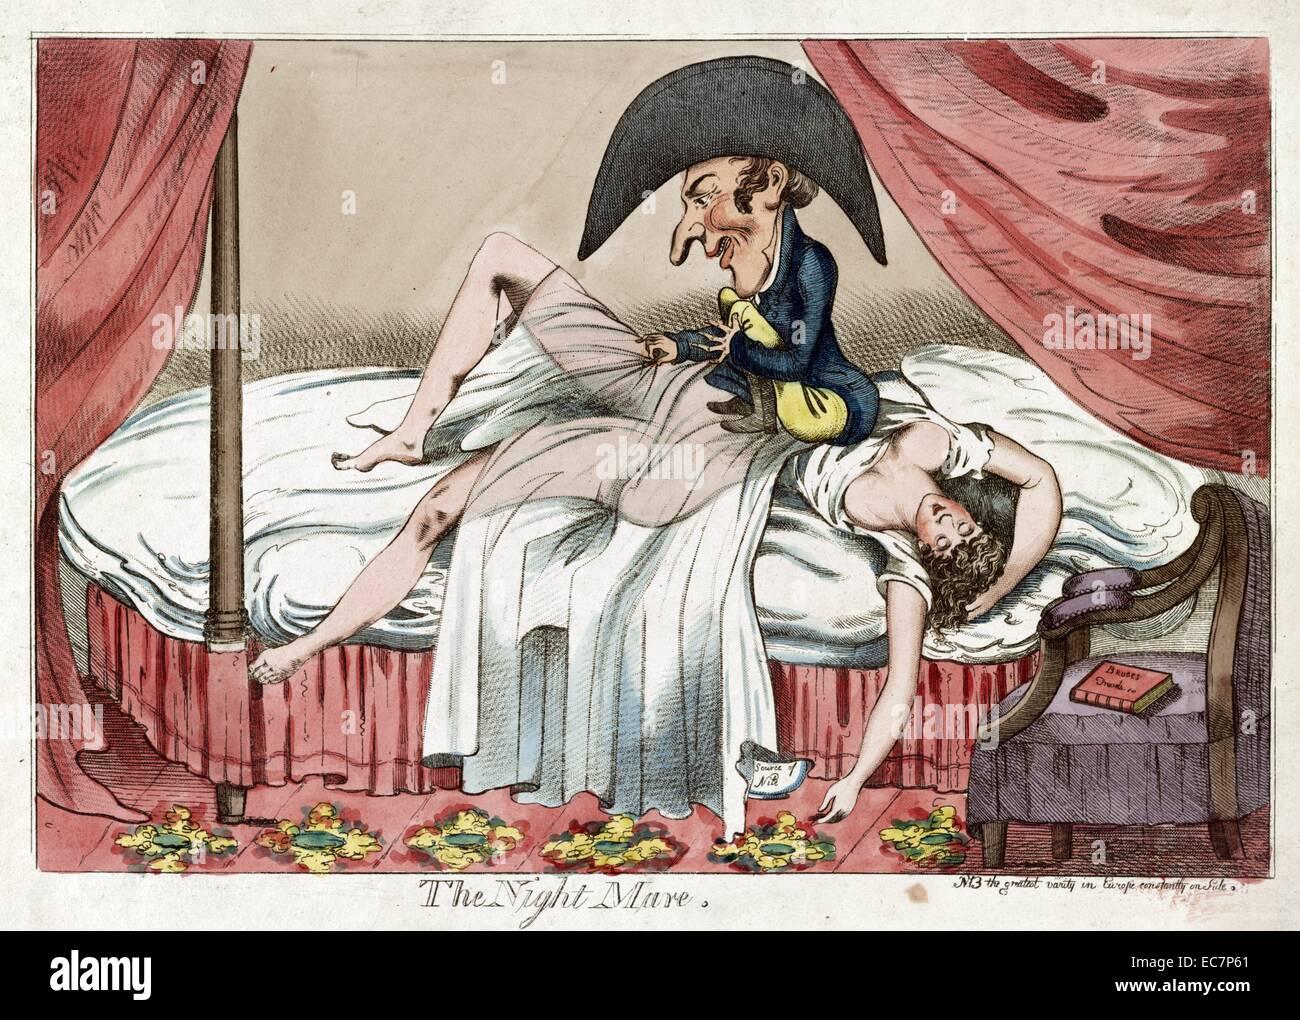 Die Nacht Stute Cartoon Zeigt Eine Sparlich Bekleidete Frau Schlaft